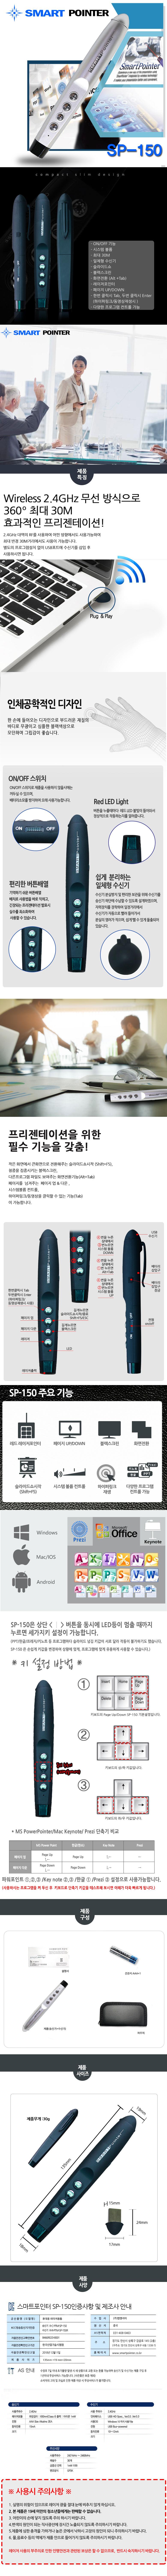 스마트포인터 SP-150 블랙 무선 심플 프리젠터 - 스마트포인터, 33,000원, 프레젠테이션용품, 무선프리젠터